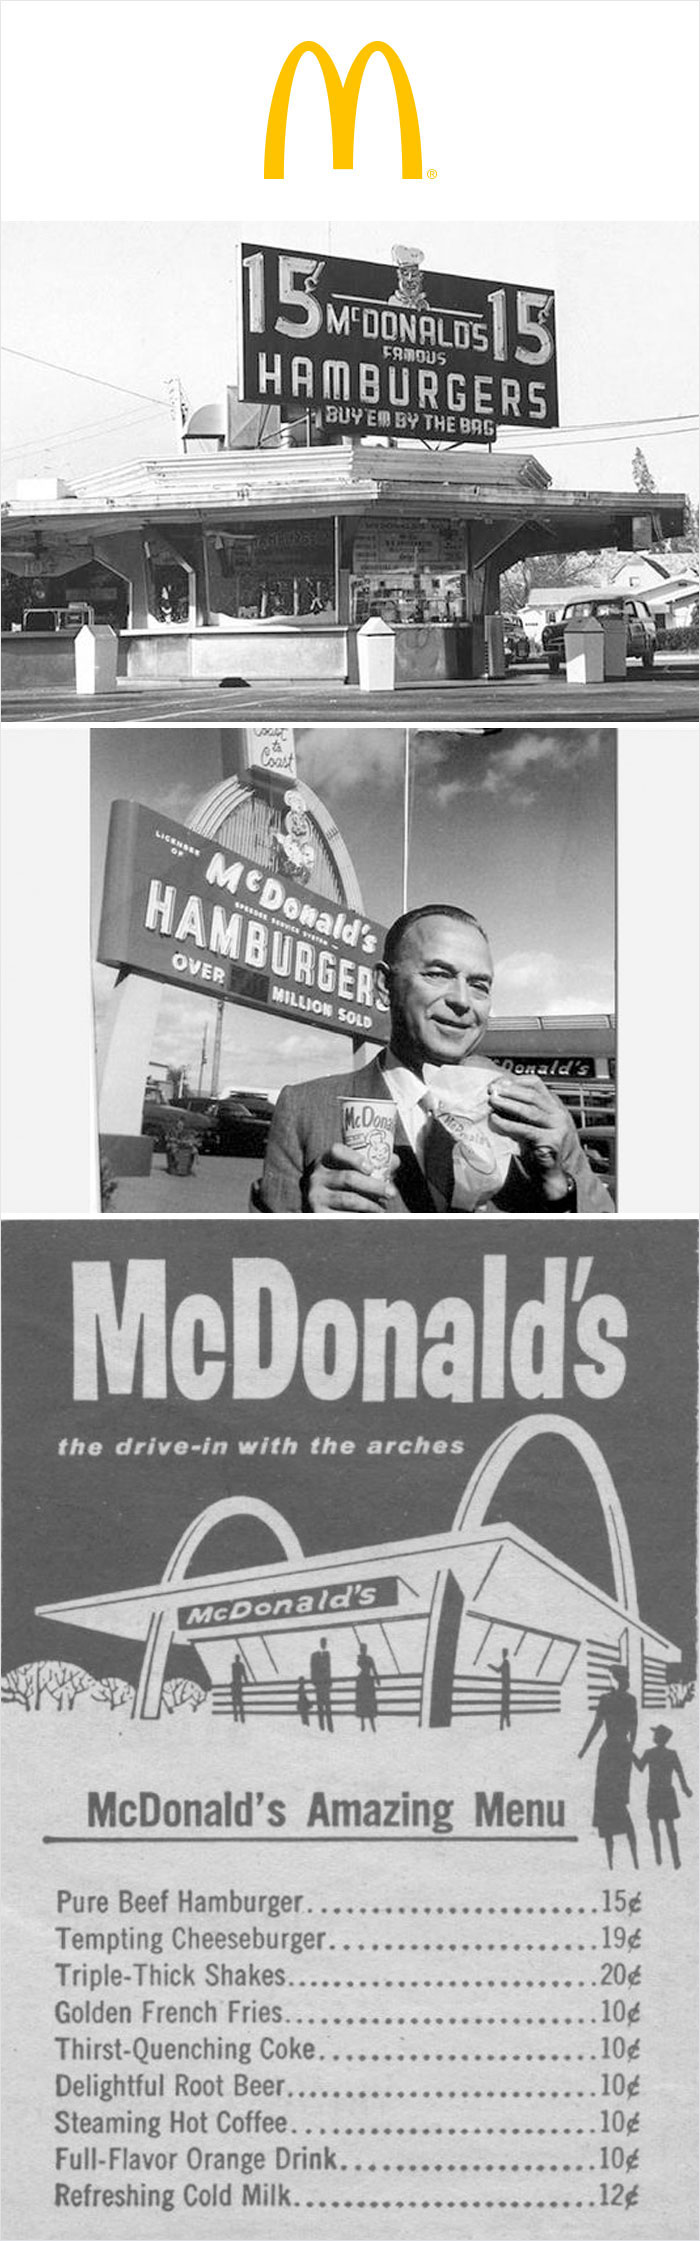 Restaurante de comida rápida (1955)